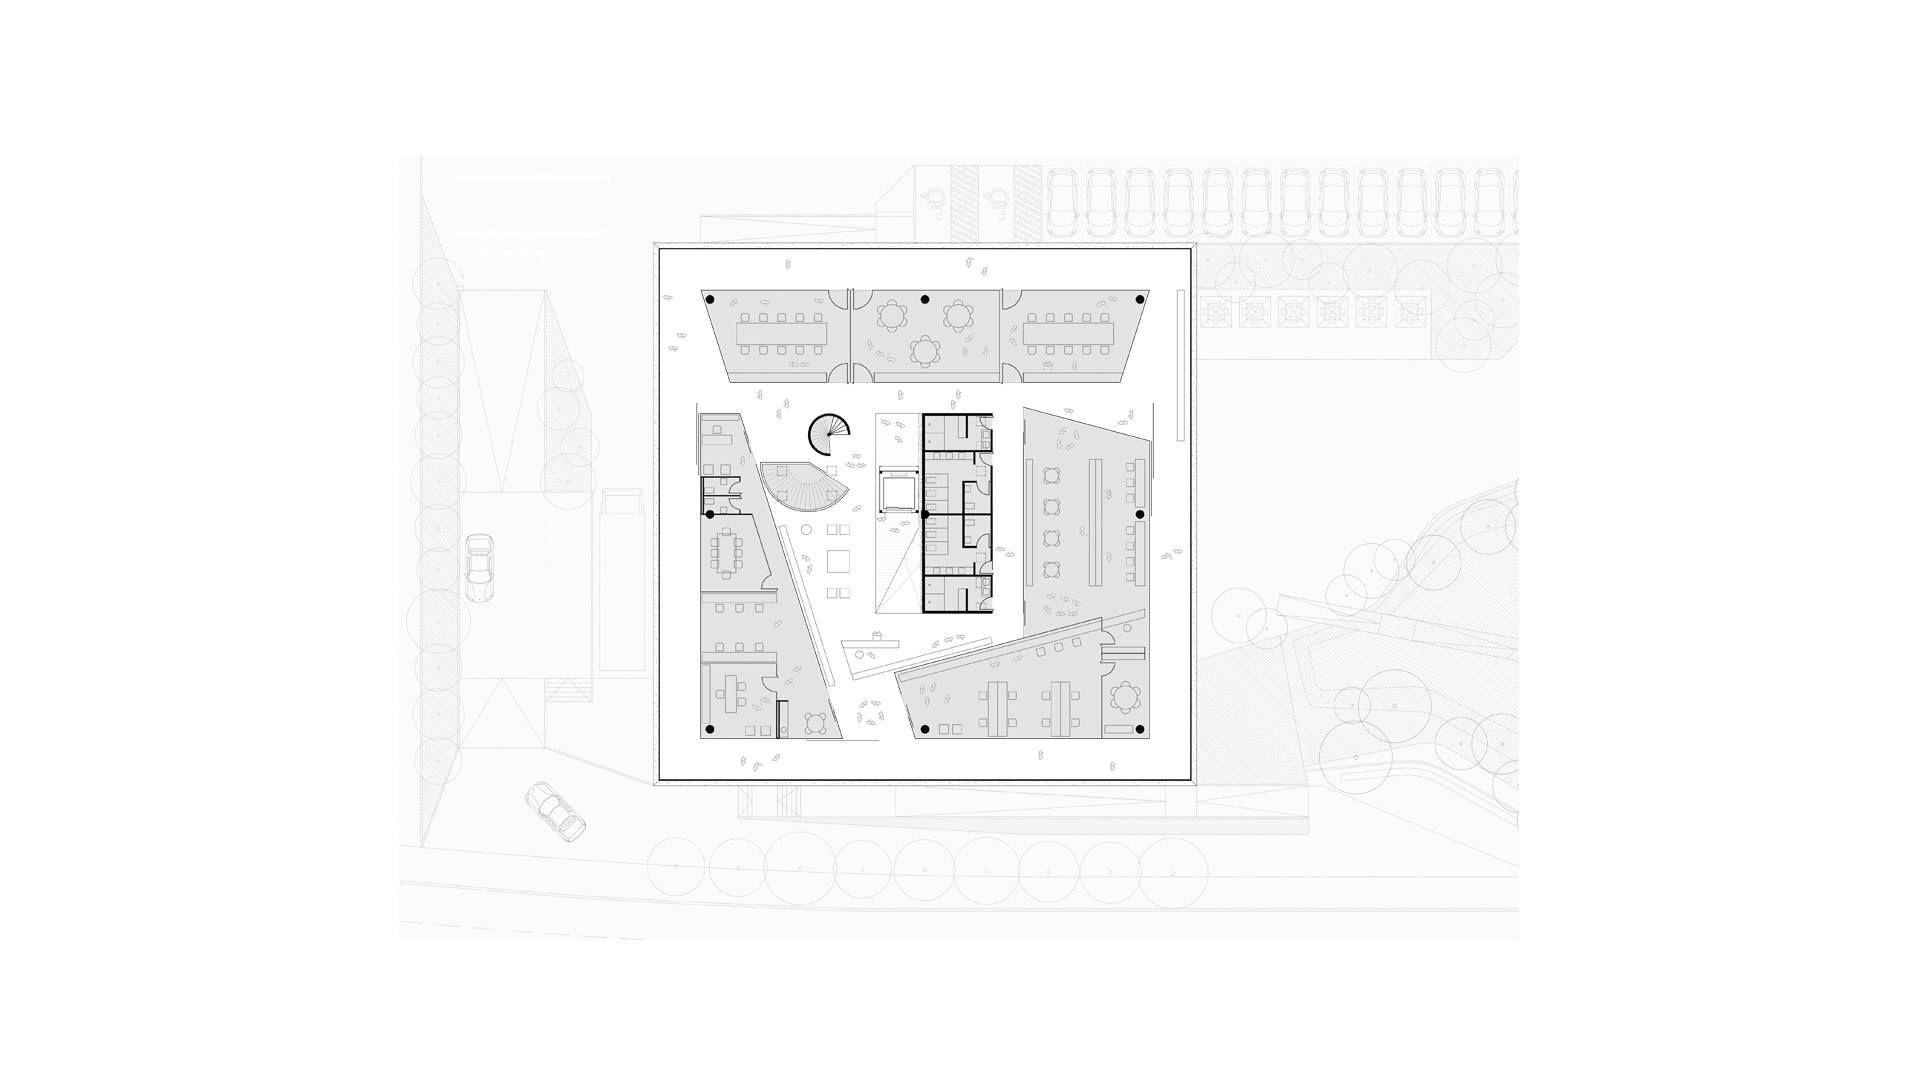 midiateca-santo-andre-planta-1-pavimento